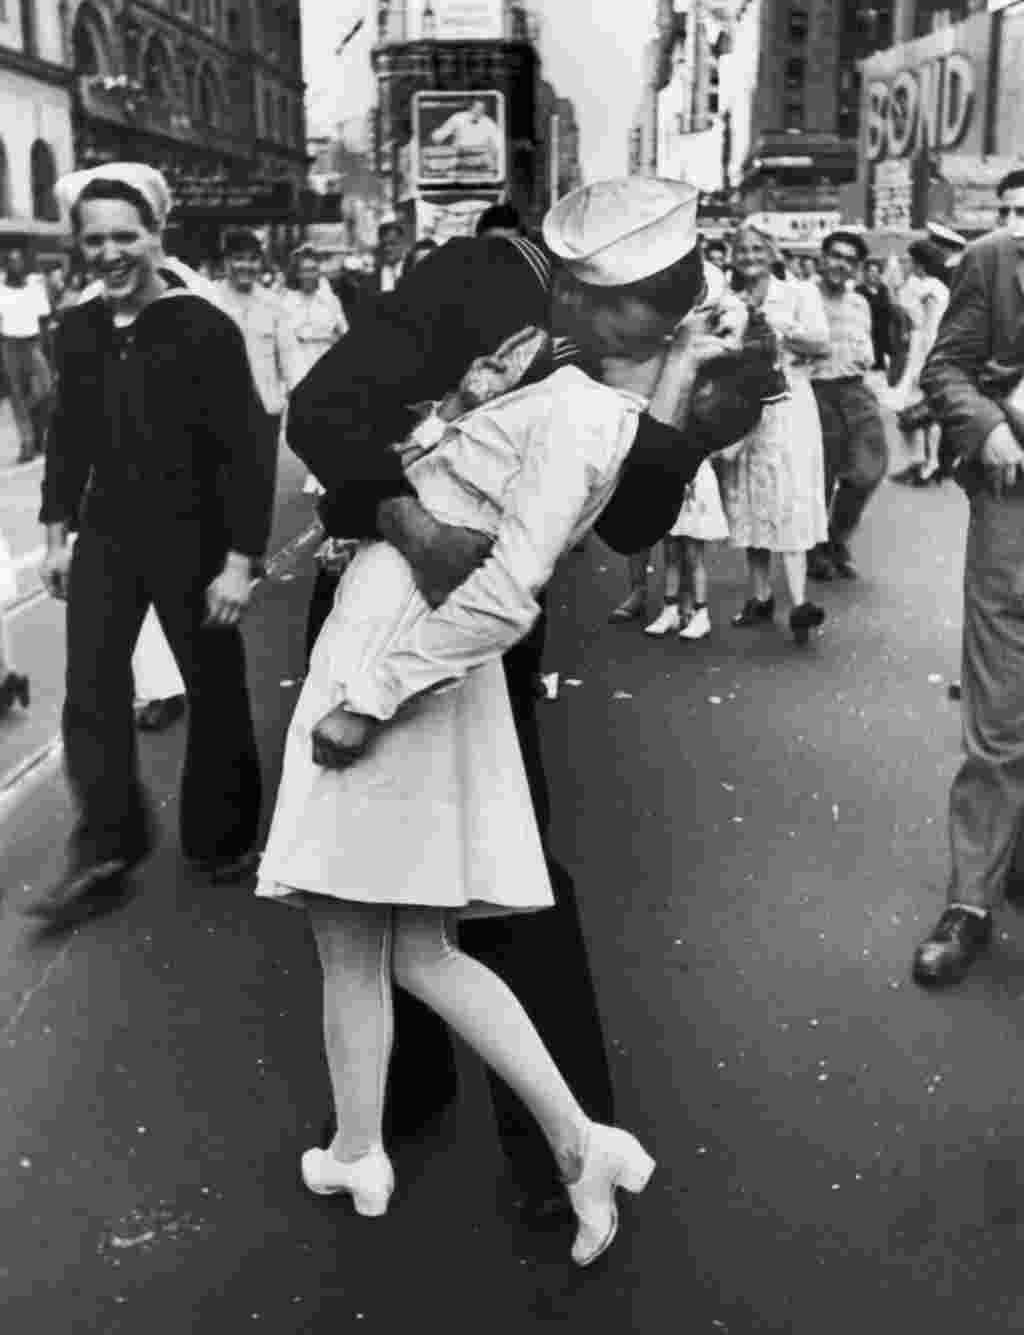 """კოცნა გამარჯვების დღეს თაიმსის მოედანზე გამარჯვების დღეს გადაღებული ეს ფოტო მსოფლიოში ერთ-ერთი ყველაზე ცნობილი კადრია, რომელიც კოცნის ეპიზოდს ასახავს. ფოტო 1945 წლის 14 აგვისტოს თაიმსის მოედანზე არის გადაღებული. დღეს როცა მეორე მსოფლიო ომის დასრულება გამოცხადდა. ფოტოს ავტორი ალფერდ ეიზენშტატია. კადრში კი მეზღვაური სახელად ჯორჯ მენდოზა და ექთანი გრეტა ზიმერი ჩანან. როგორც მოგვიანებით გაირკვა, მენდოზა ნასვამი იყო და ზიმერს დაუკითხავად აკოცა. """" ეს არ იყო ჩემი სურვილი, ბიჭი უბრალოდ მოვიდა და მაკოცა"""""""